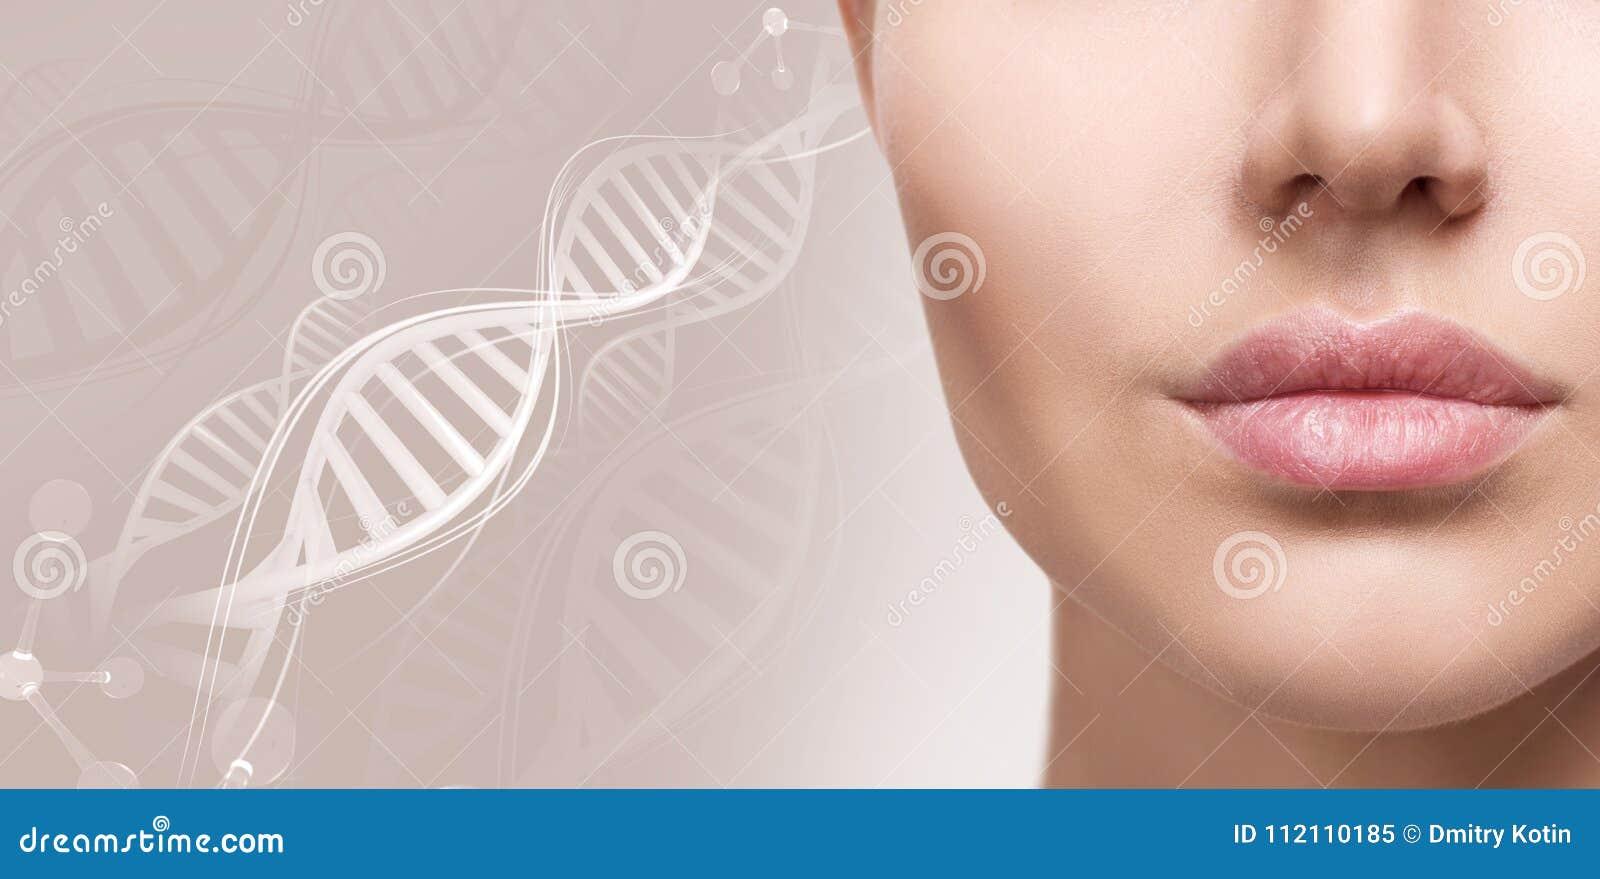 Mooie mollige vrouwelijke lippen onder DNA-kettingen